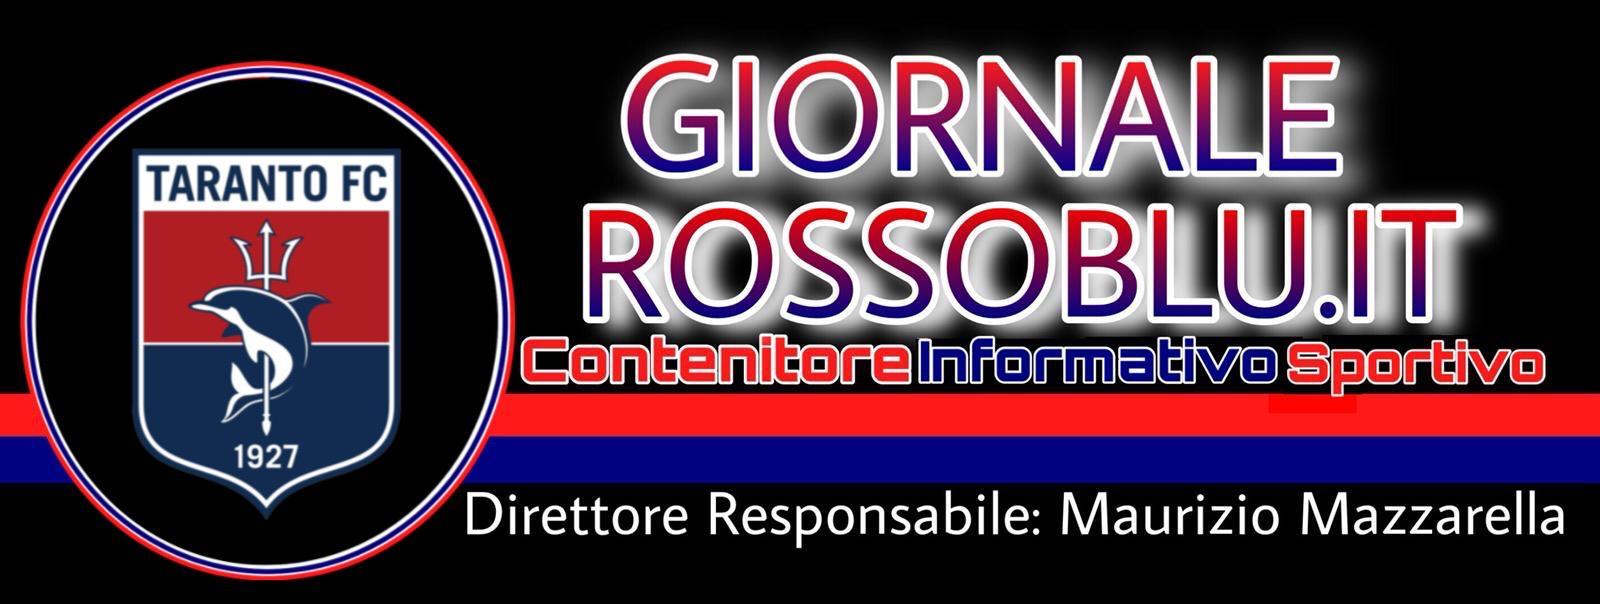 GiornaleRossoBlu.it